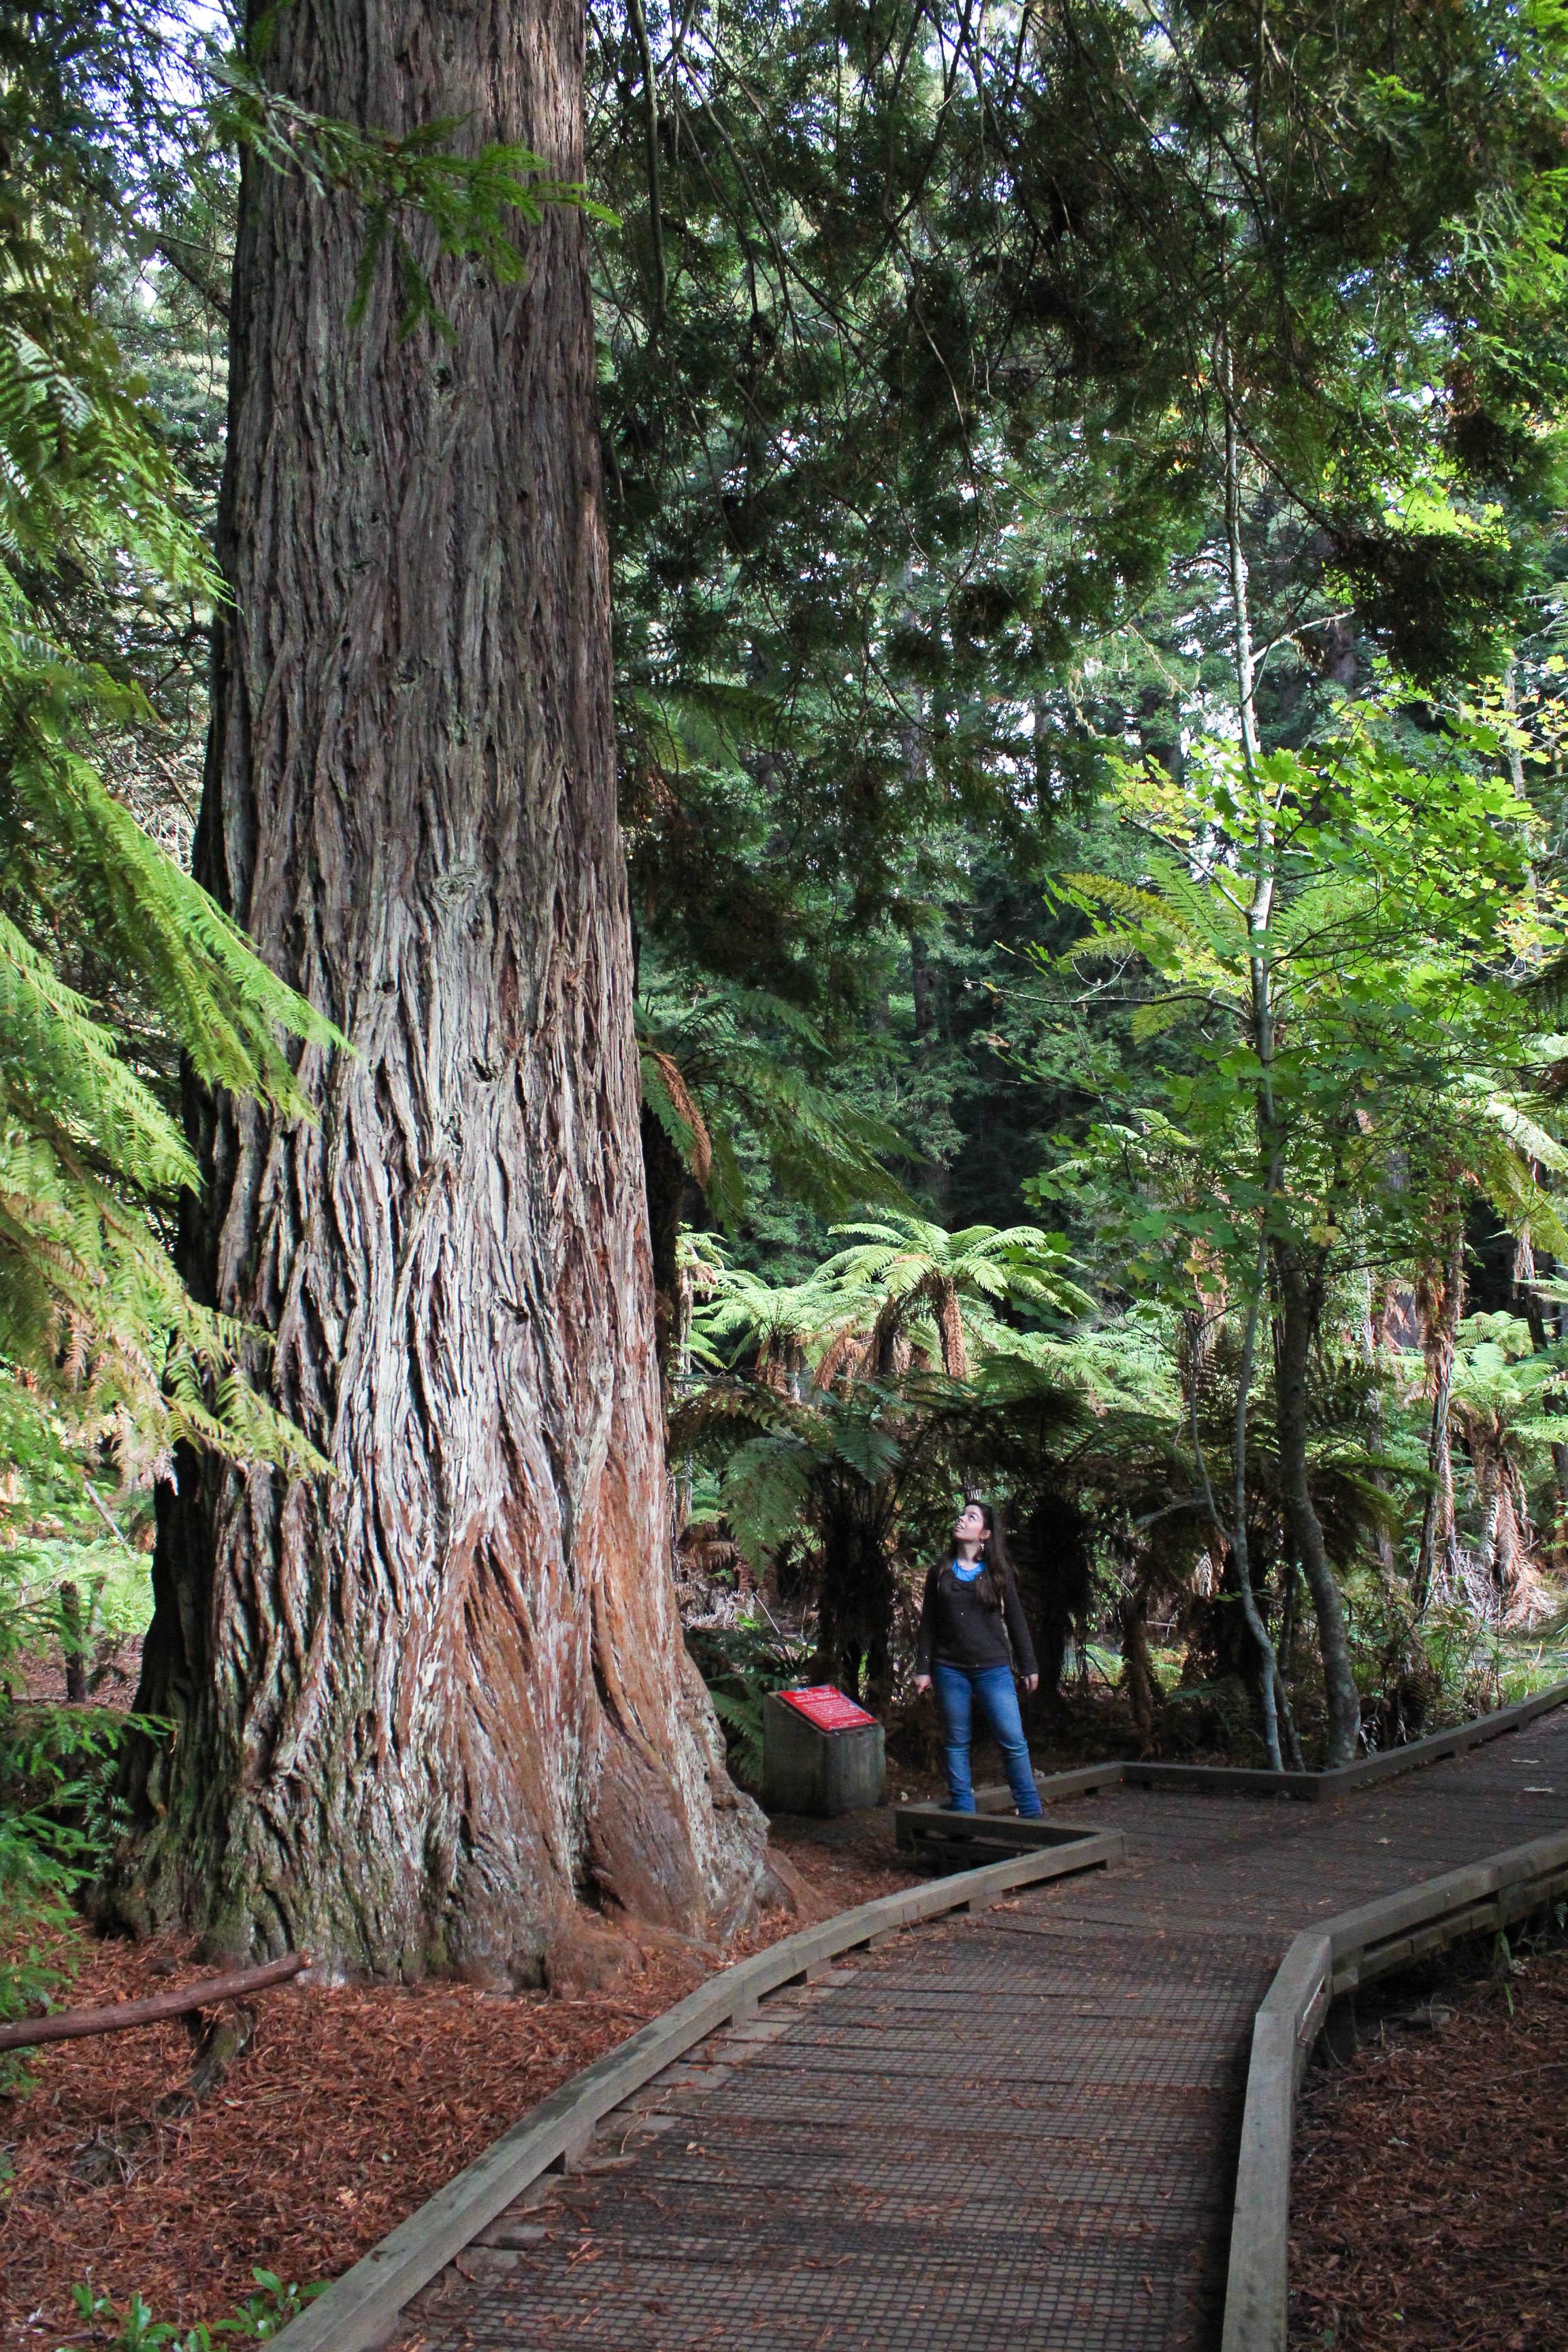 Nouvelle Zélande - Rotorua - Les lubies de louise (3 sur 11)